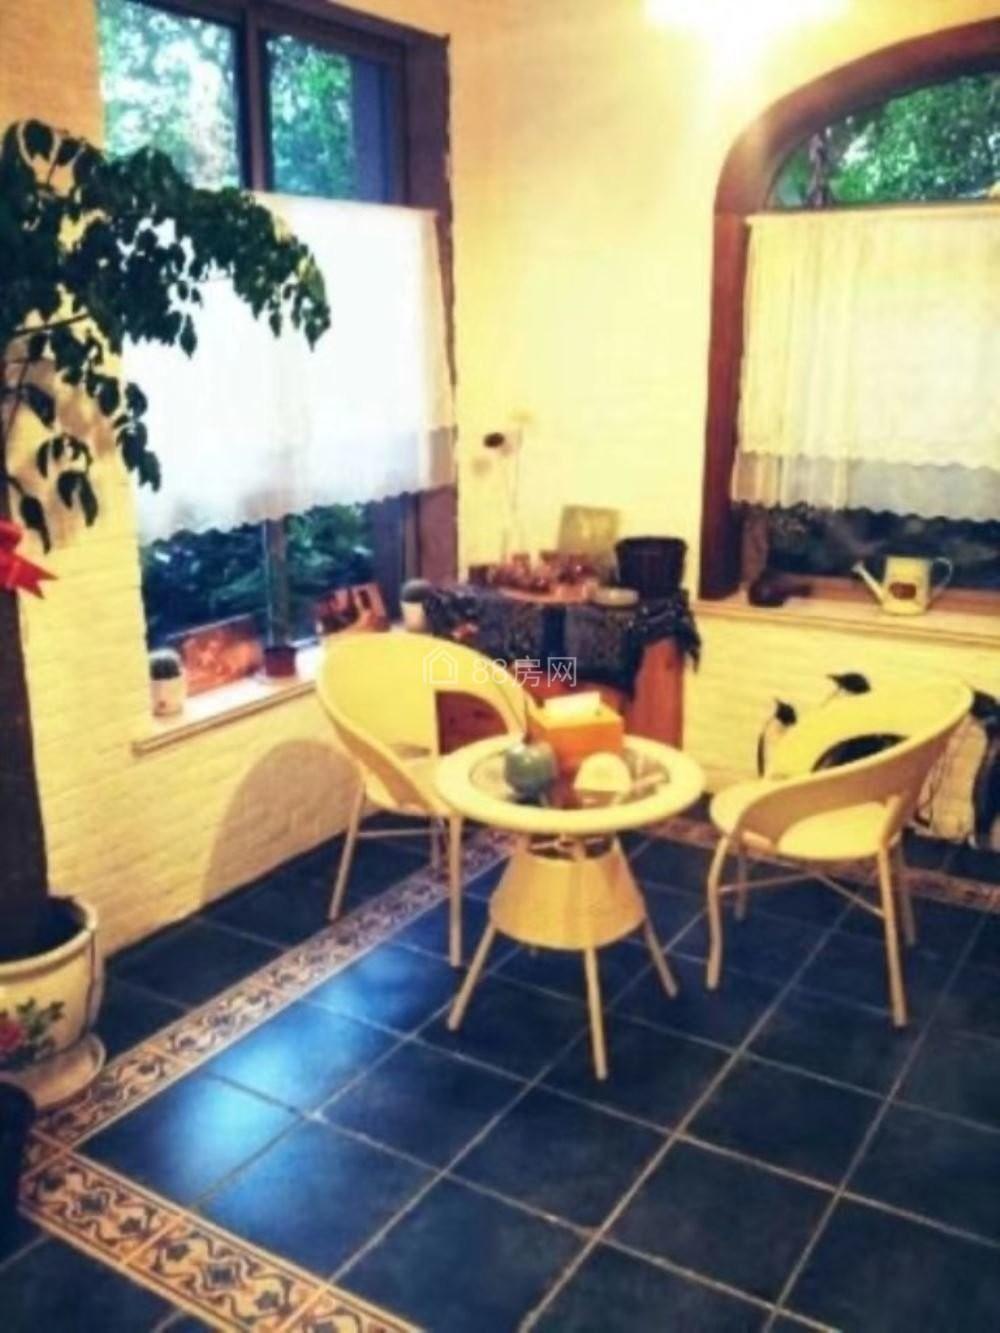 优山美地6室精装洋房出租!送花园,家具家电齐全,可办公可自住